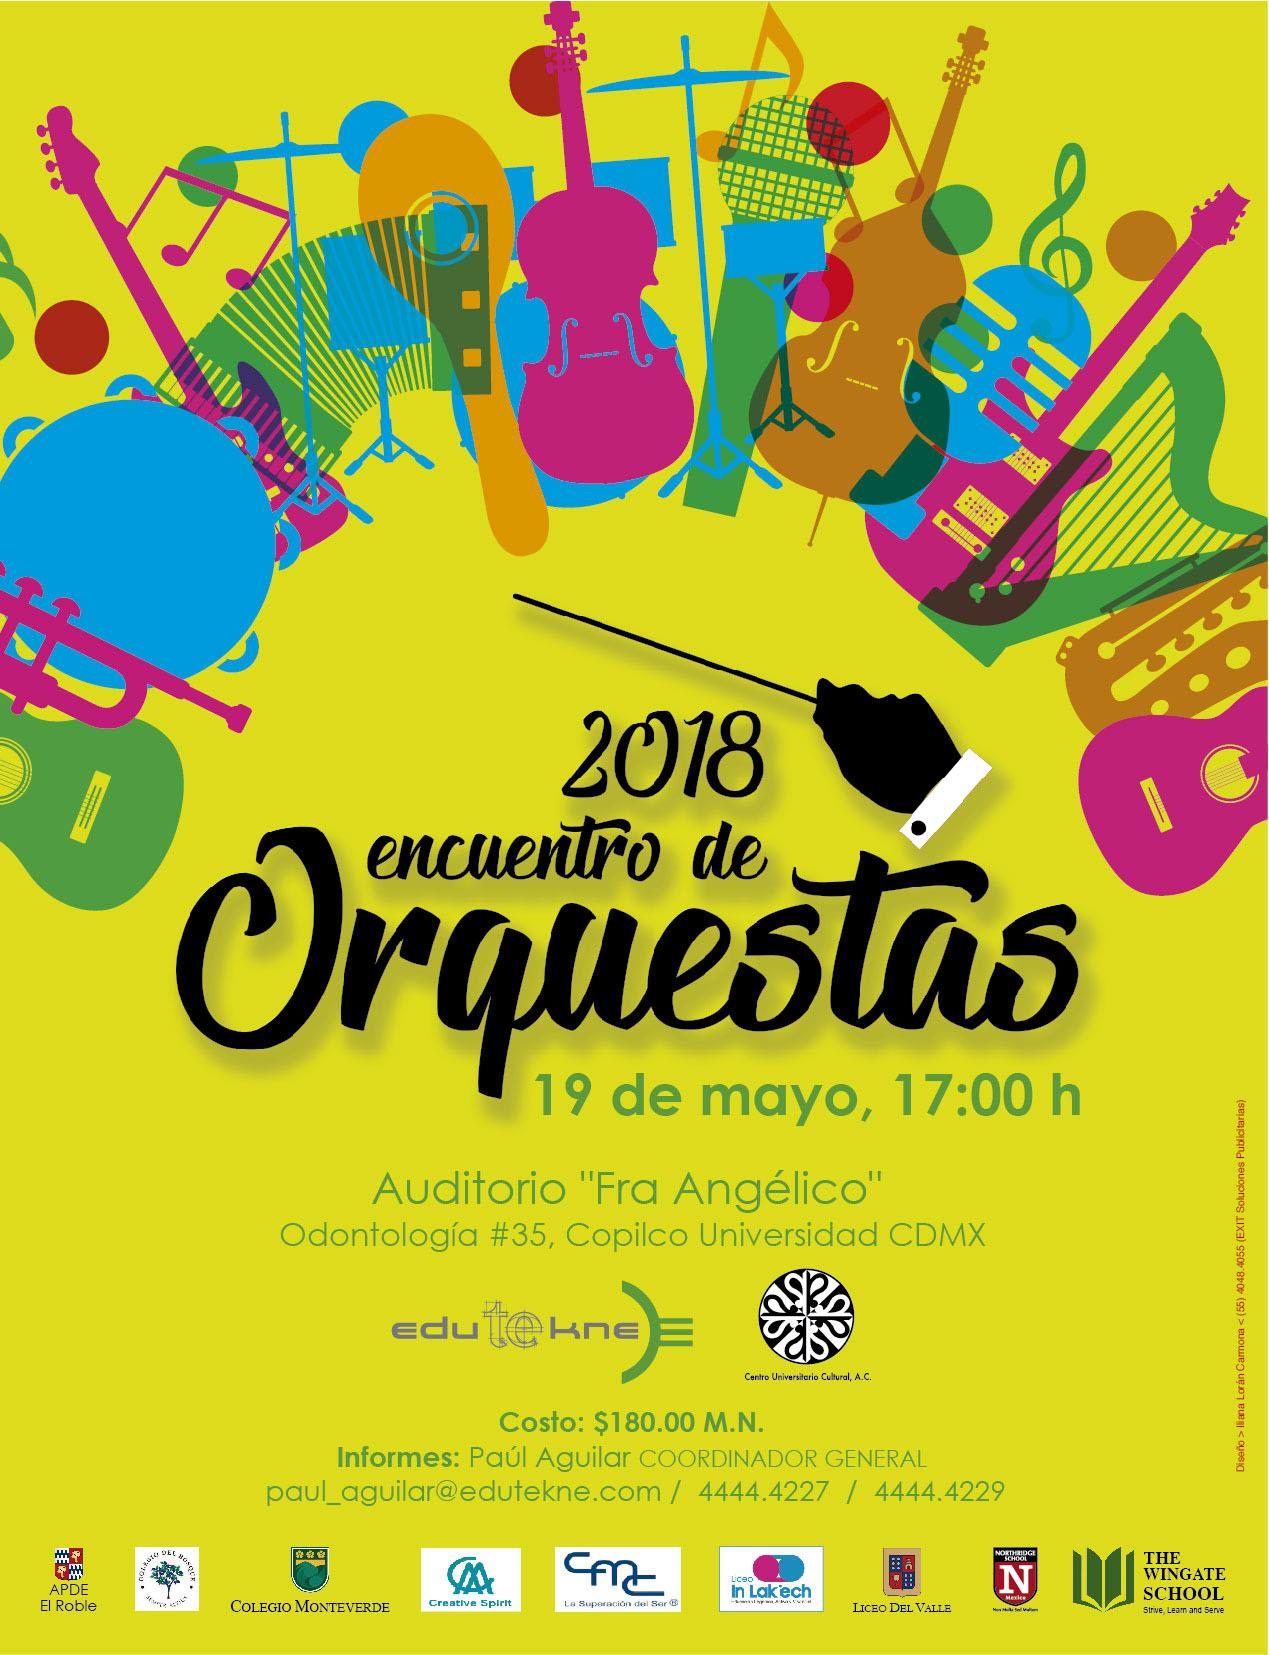 Cartel orquestas 2018